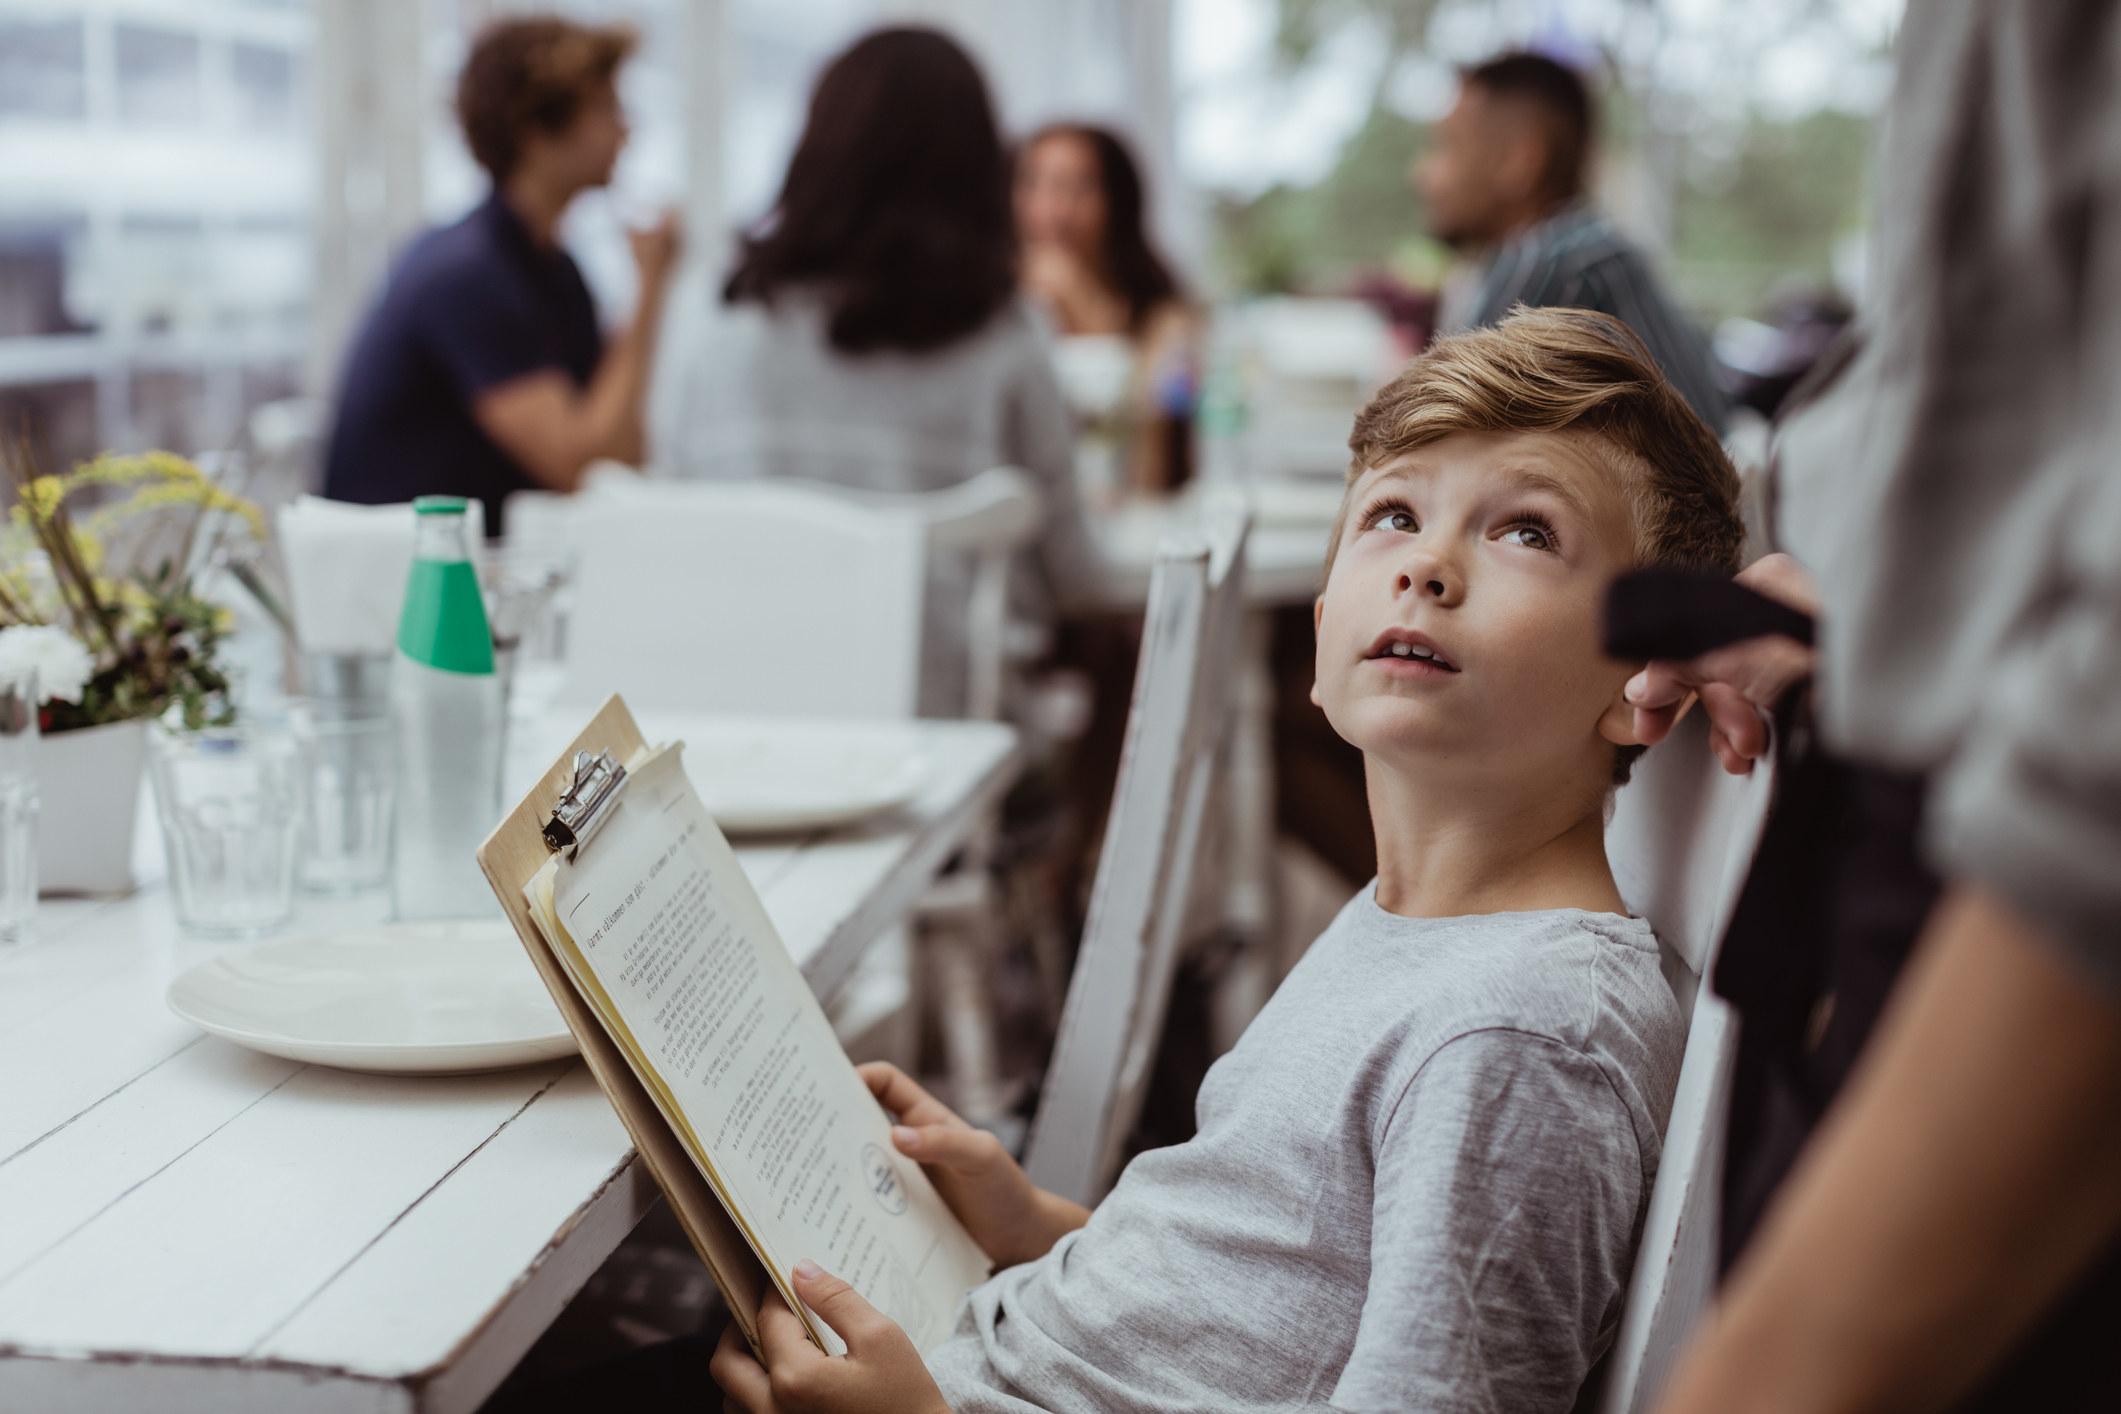 a kid ordering off a menu